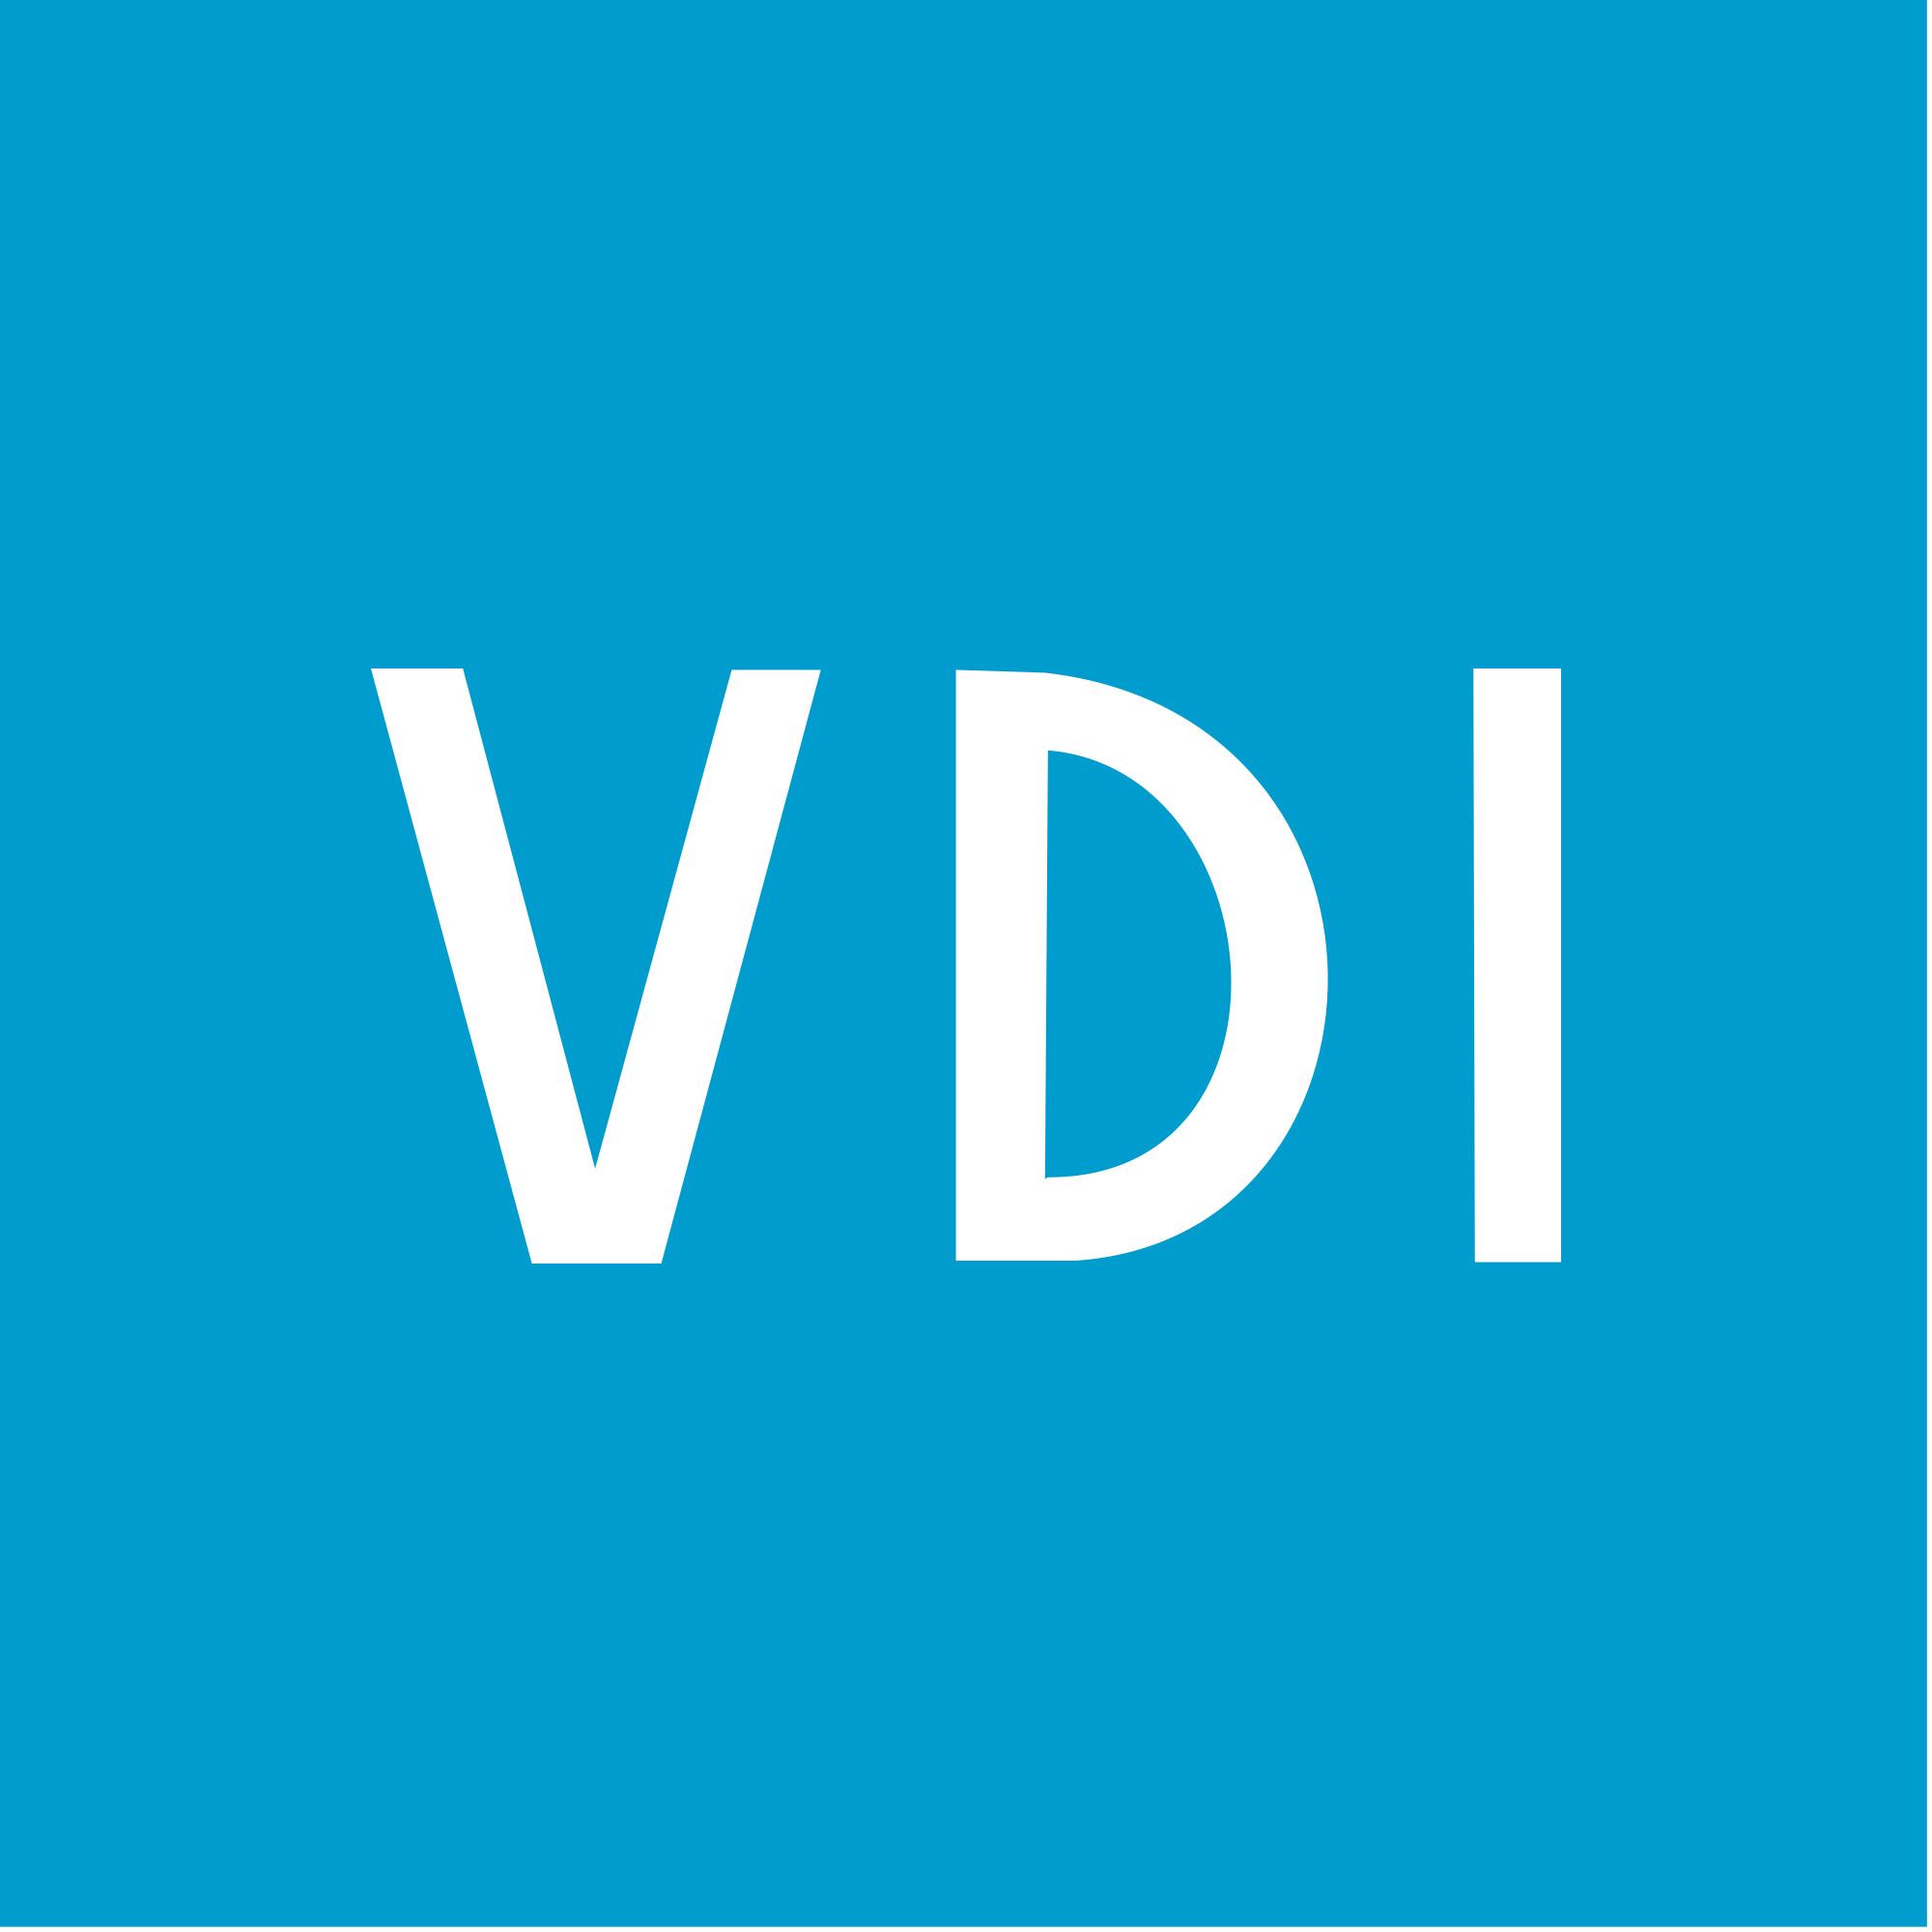 7. VDI-Fachtagung Verzahnungsmesstechnik 2021